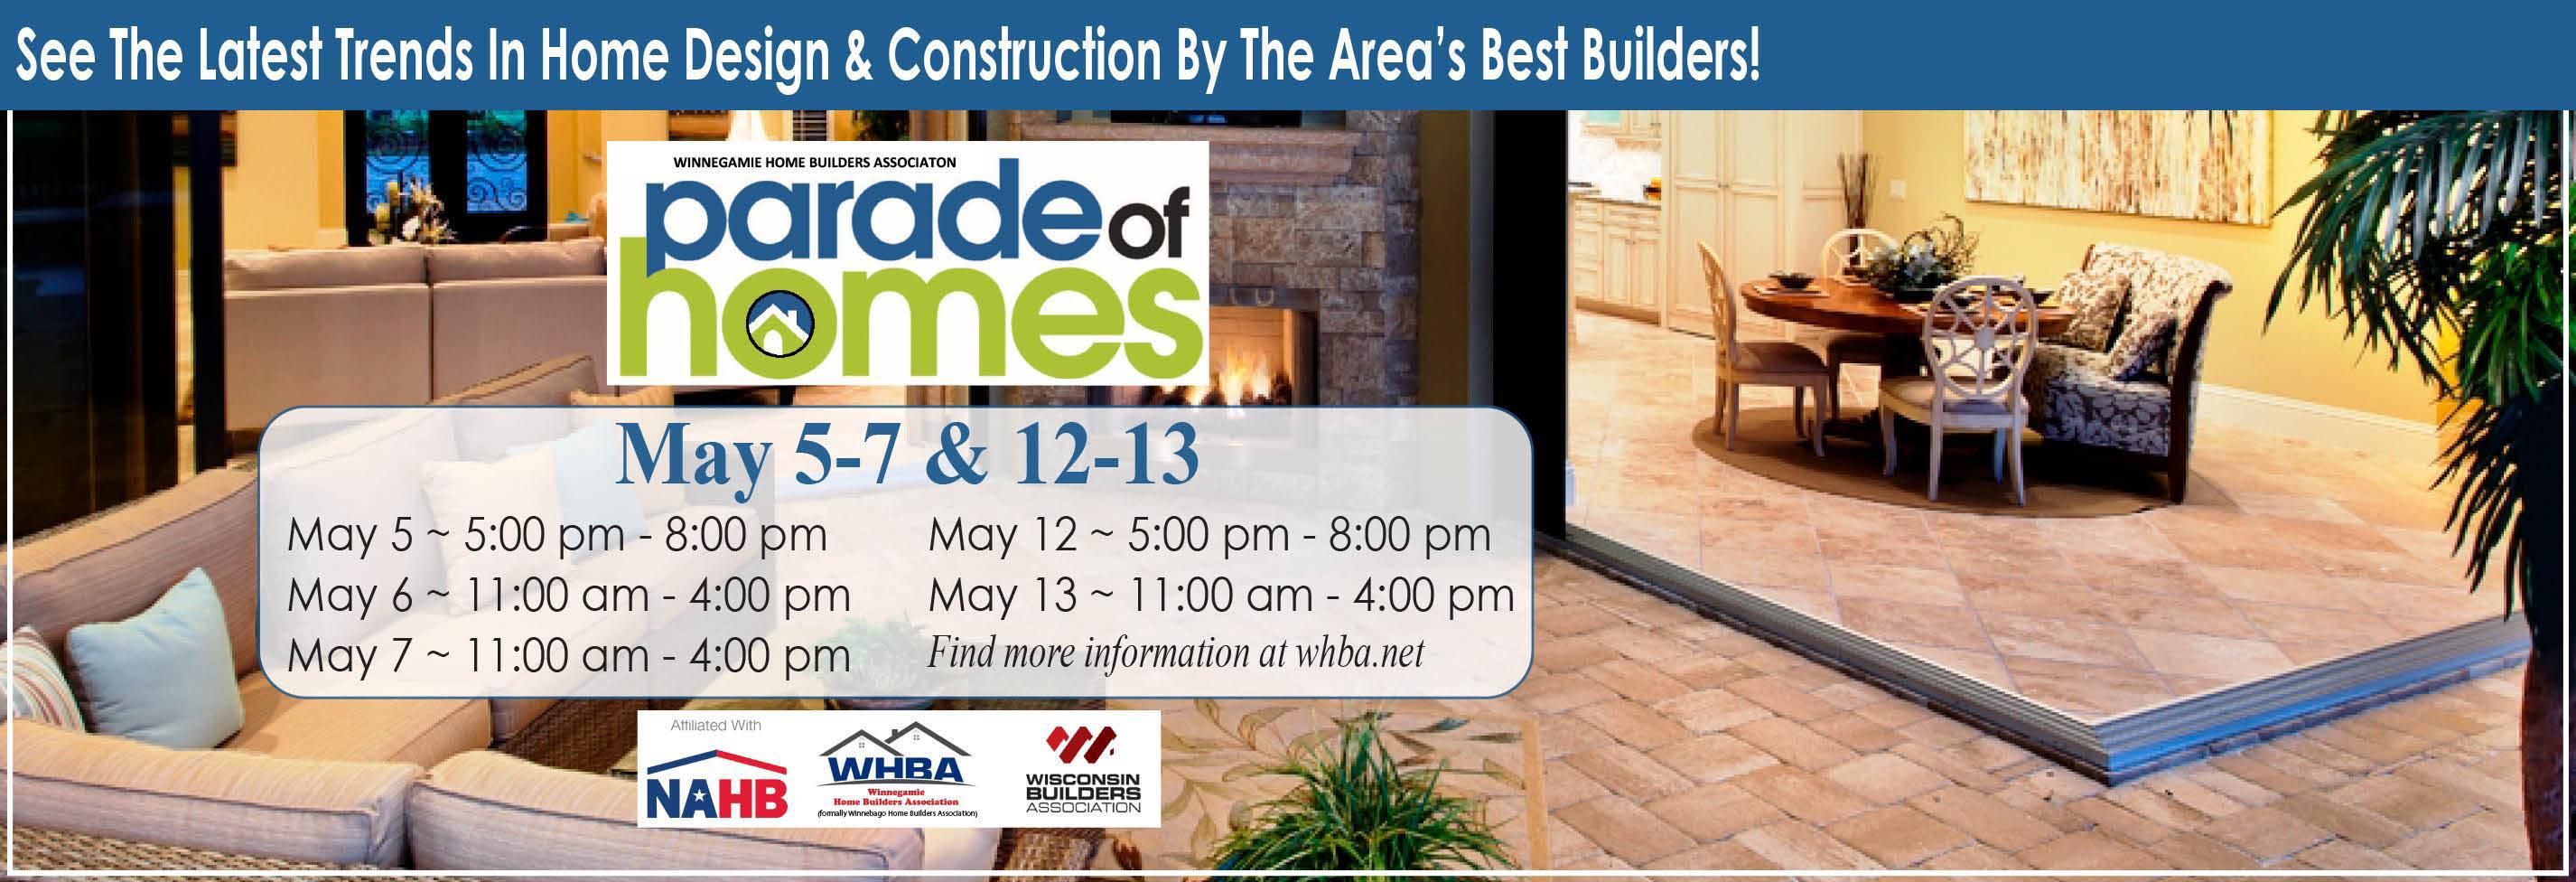 Home Builders, Parade of Homes, Builder, WHBA, Winnebago, Association